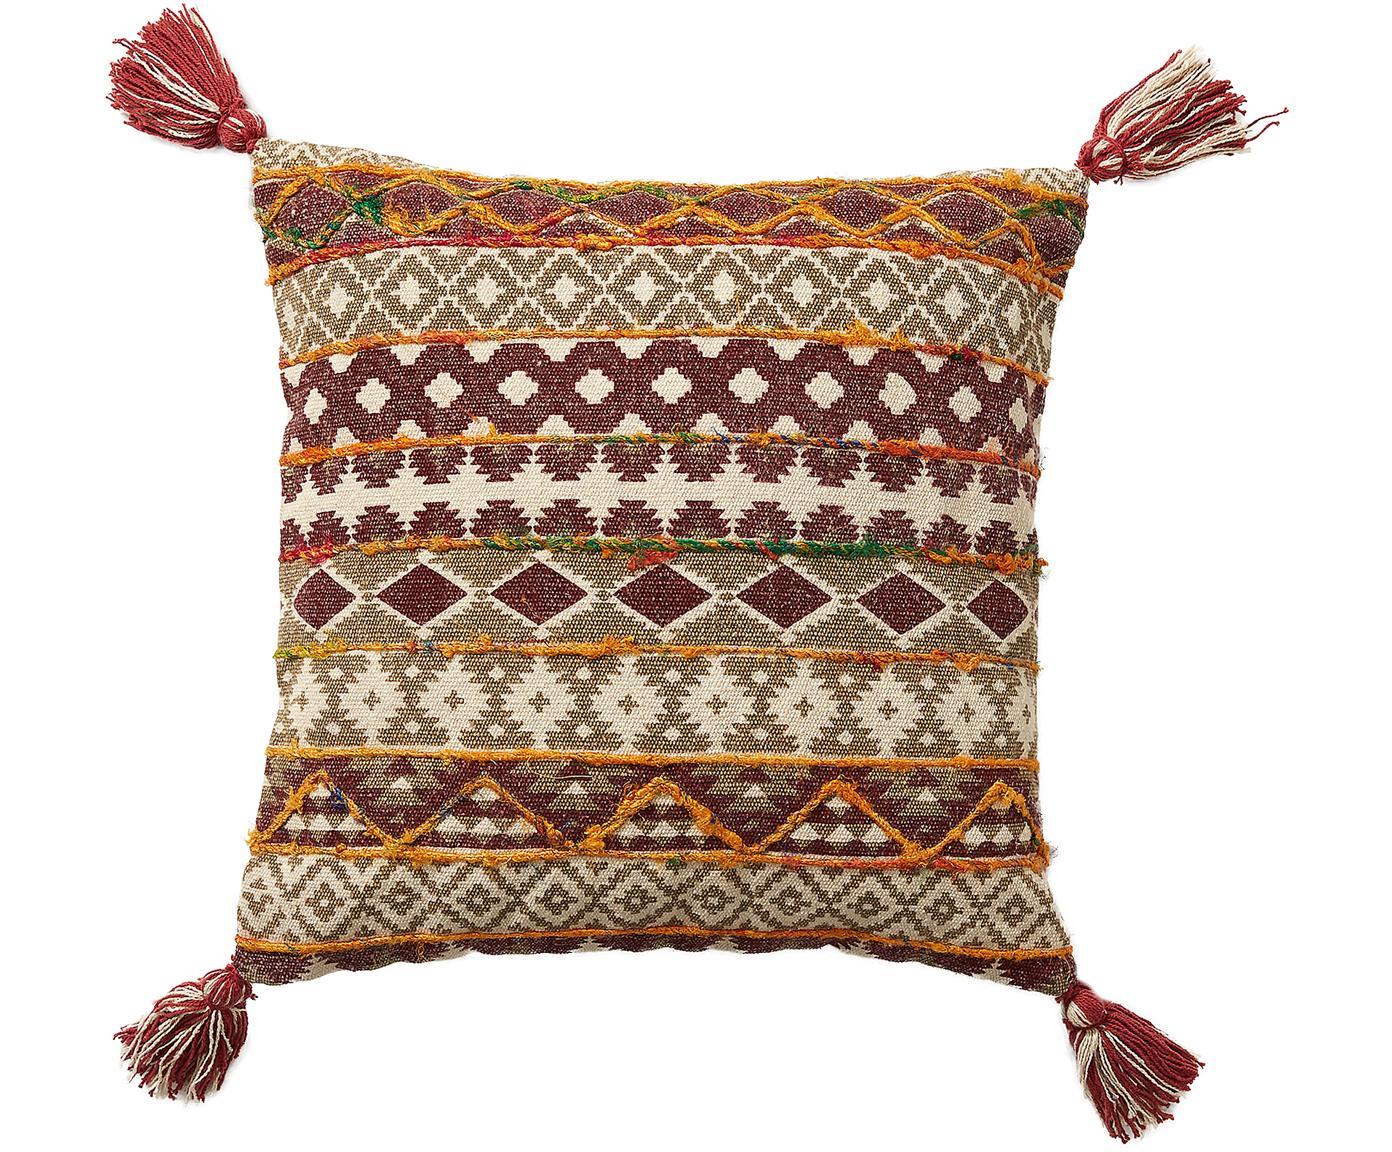 Haftowana poszewka na poduszkę Mahesana, 100% bawełna, Beżowy, czerwony, żółty, zielony, S 45 x D 45 cm